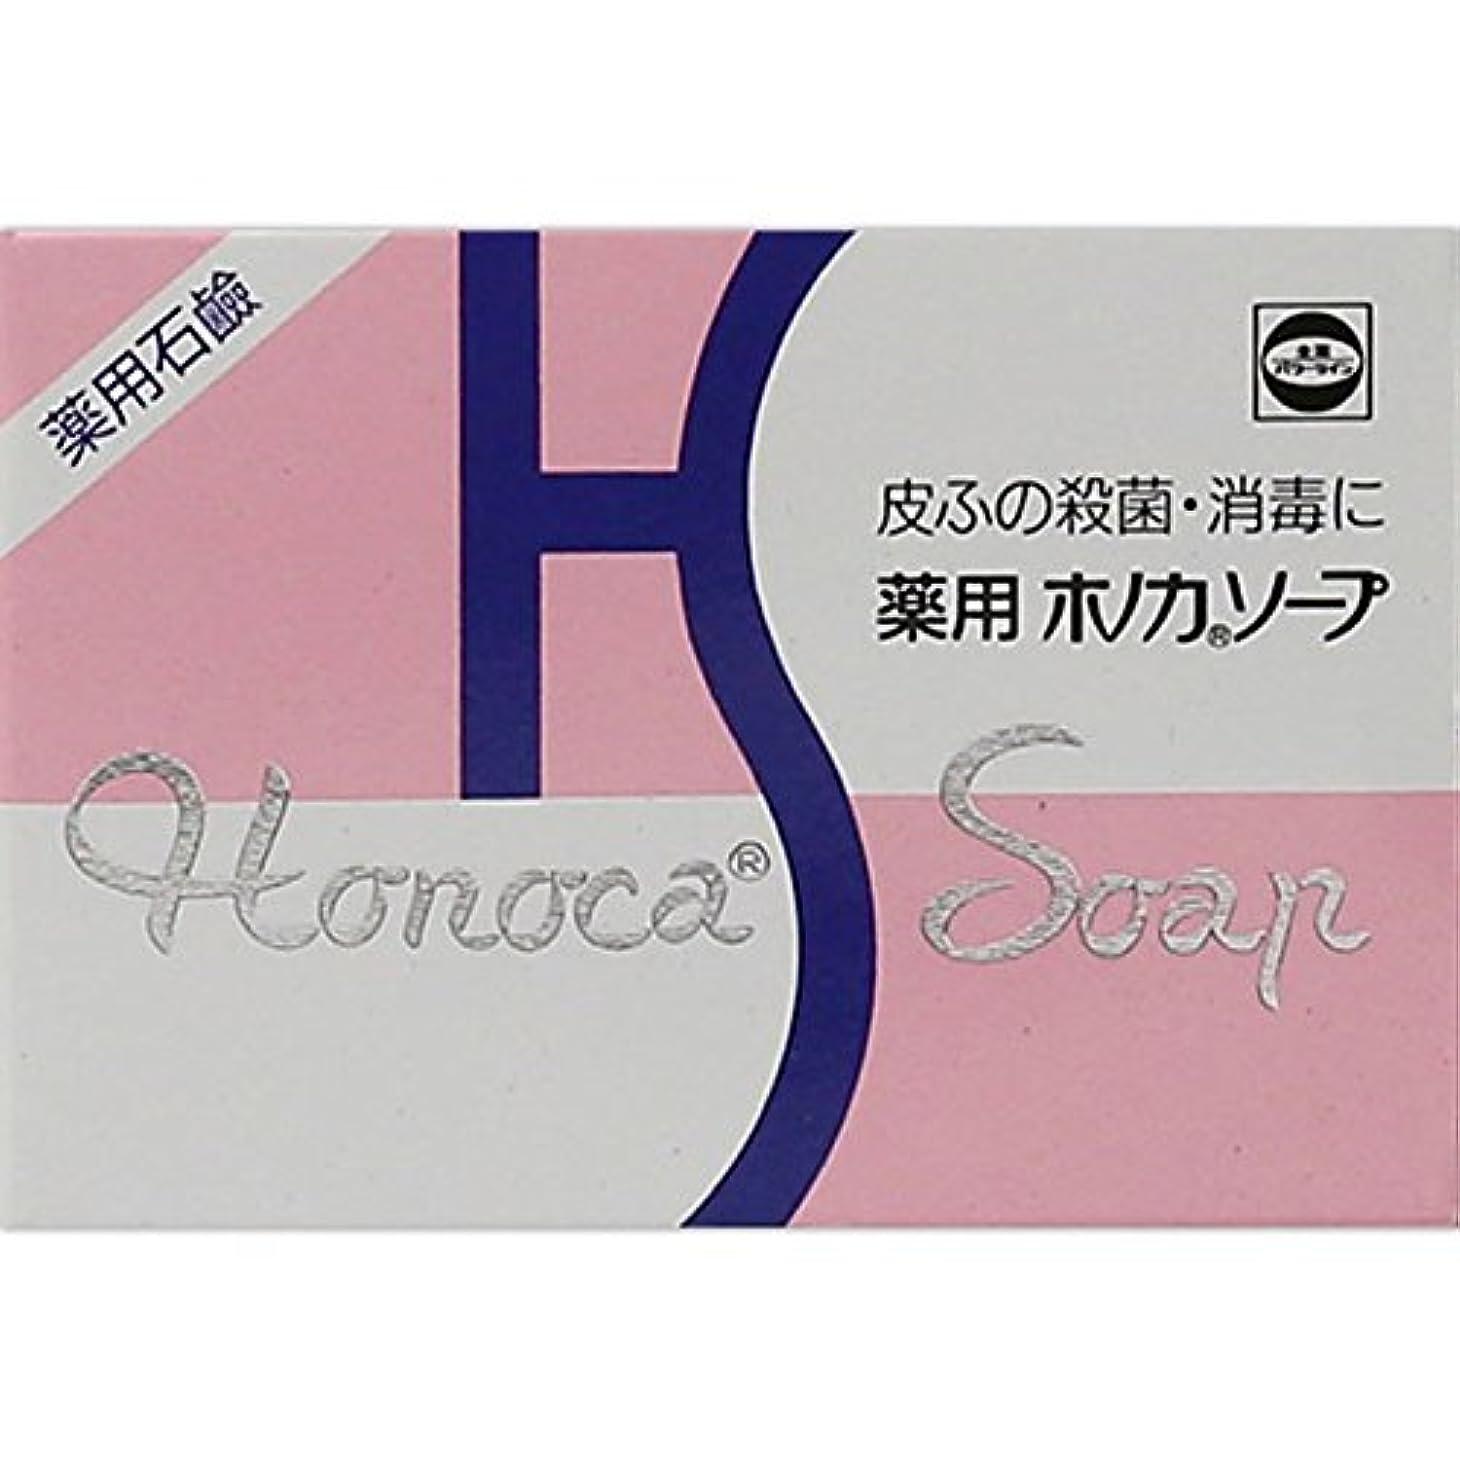 甘やかす誠意メタン薬用ホノカソープ 80g